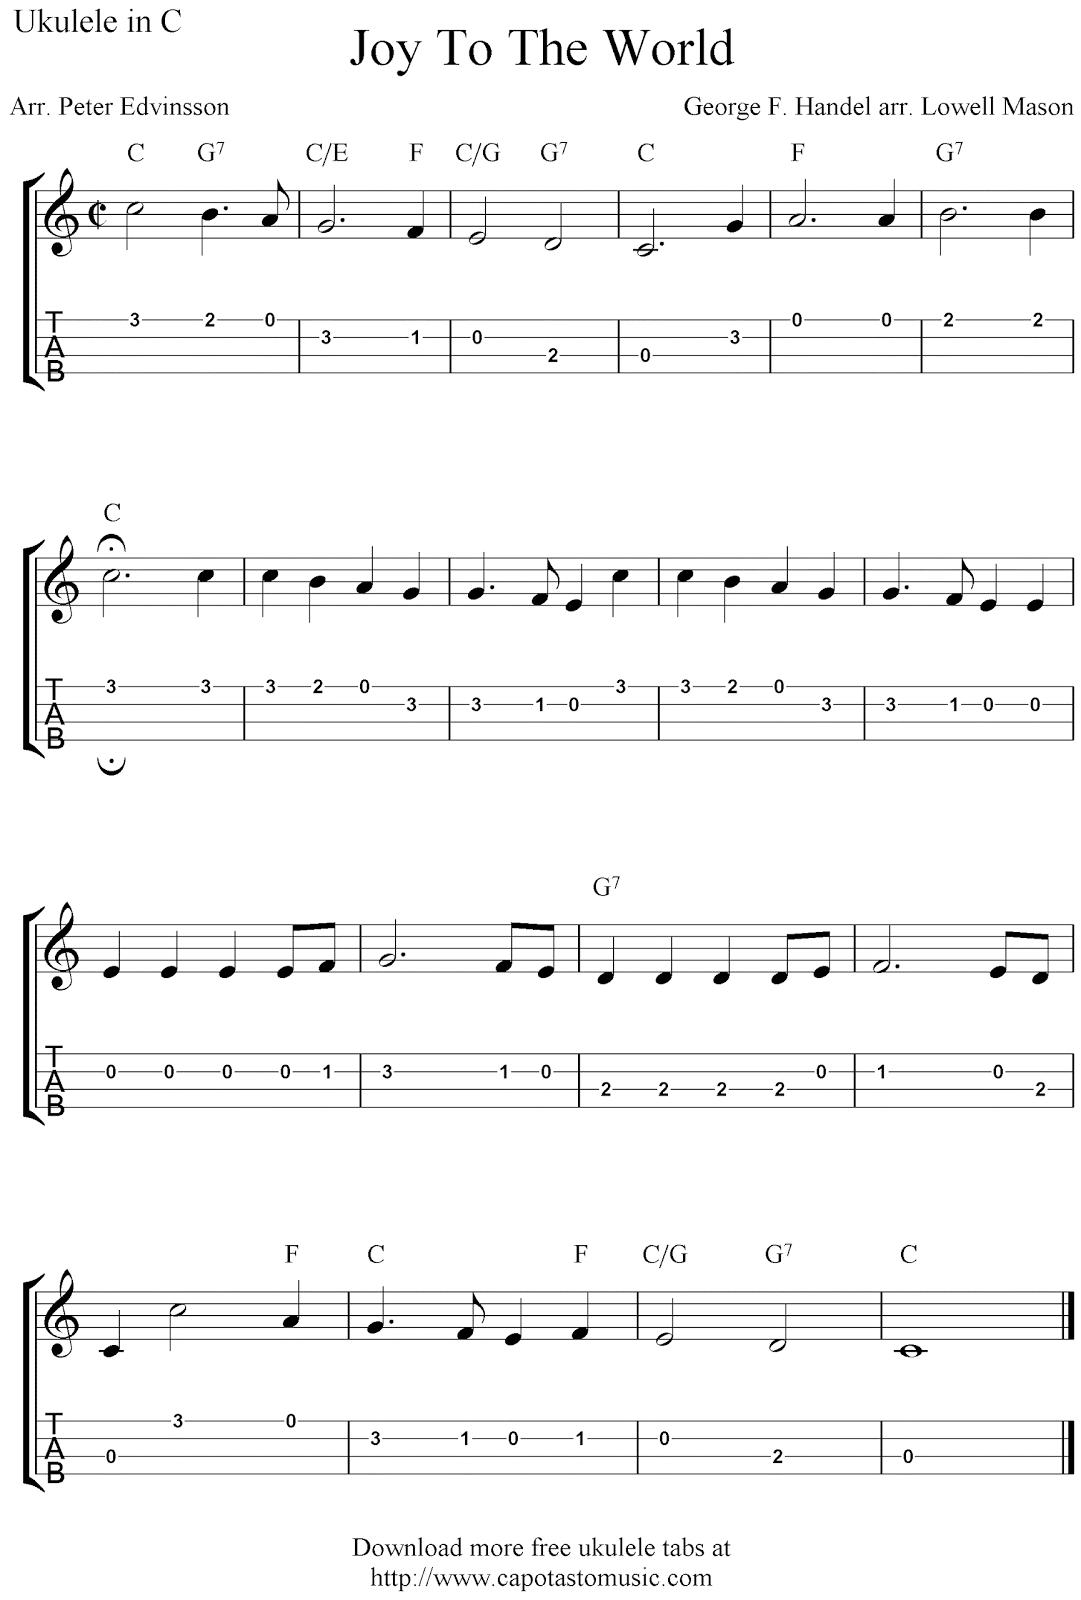 Joy To The World, free Christmas ukulele tab sheet music – Lenox